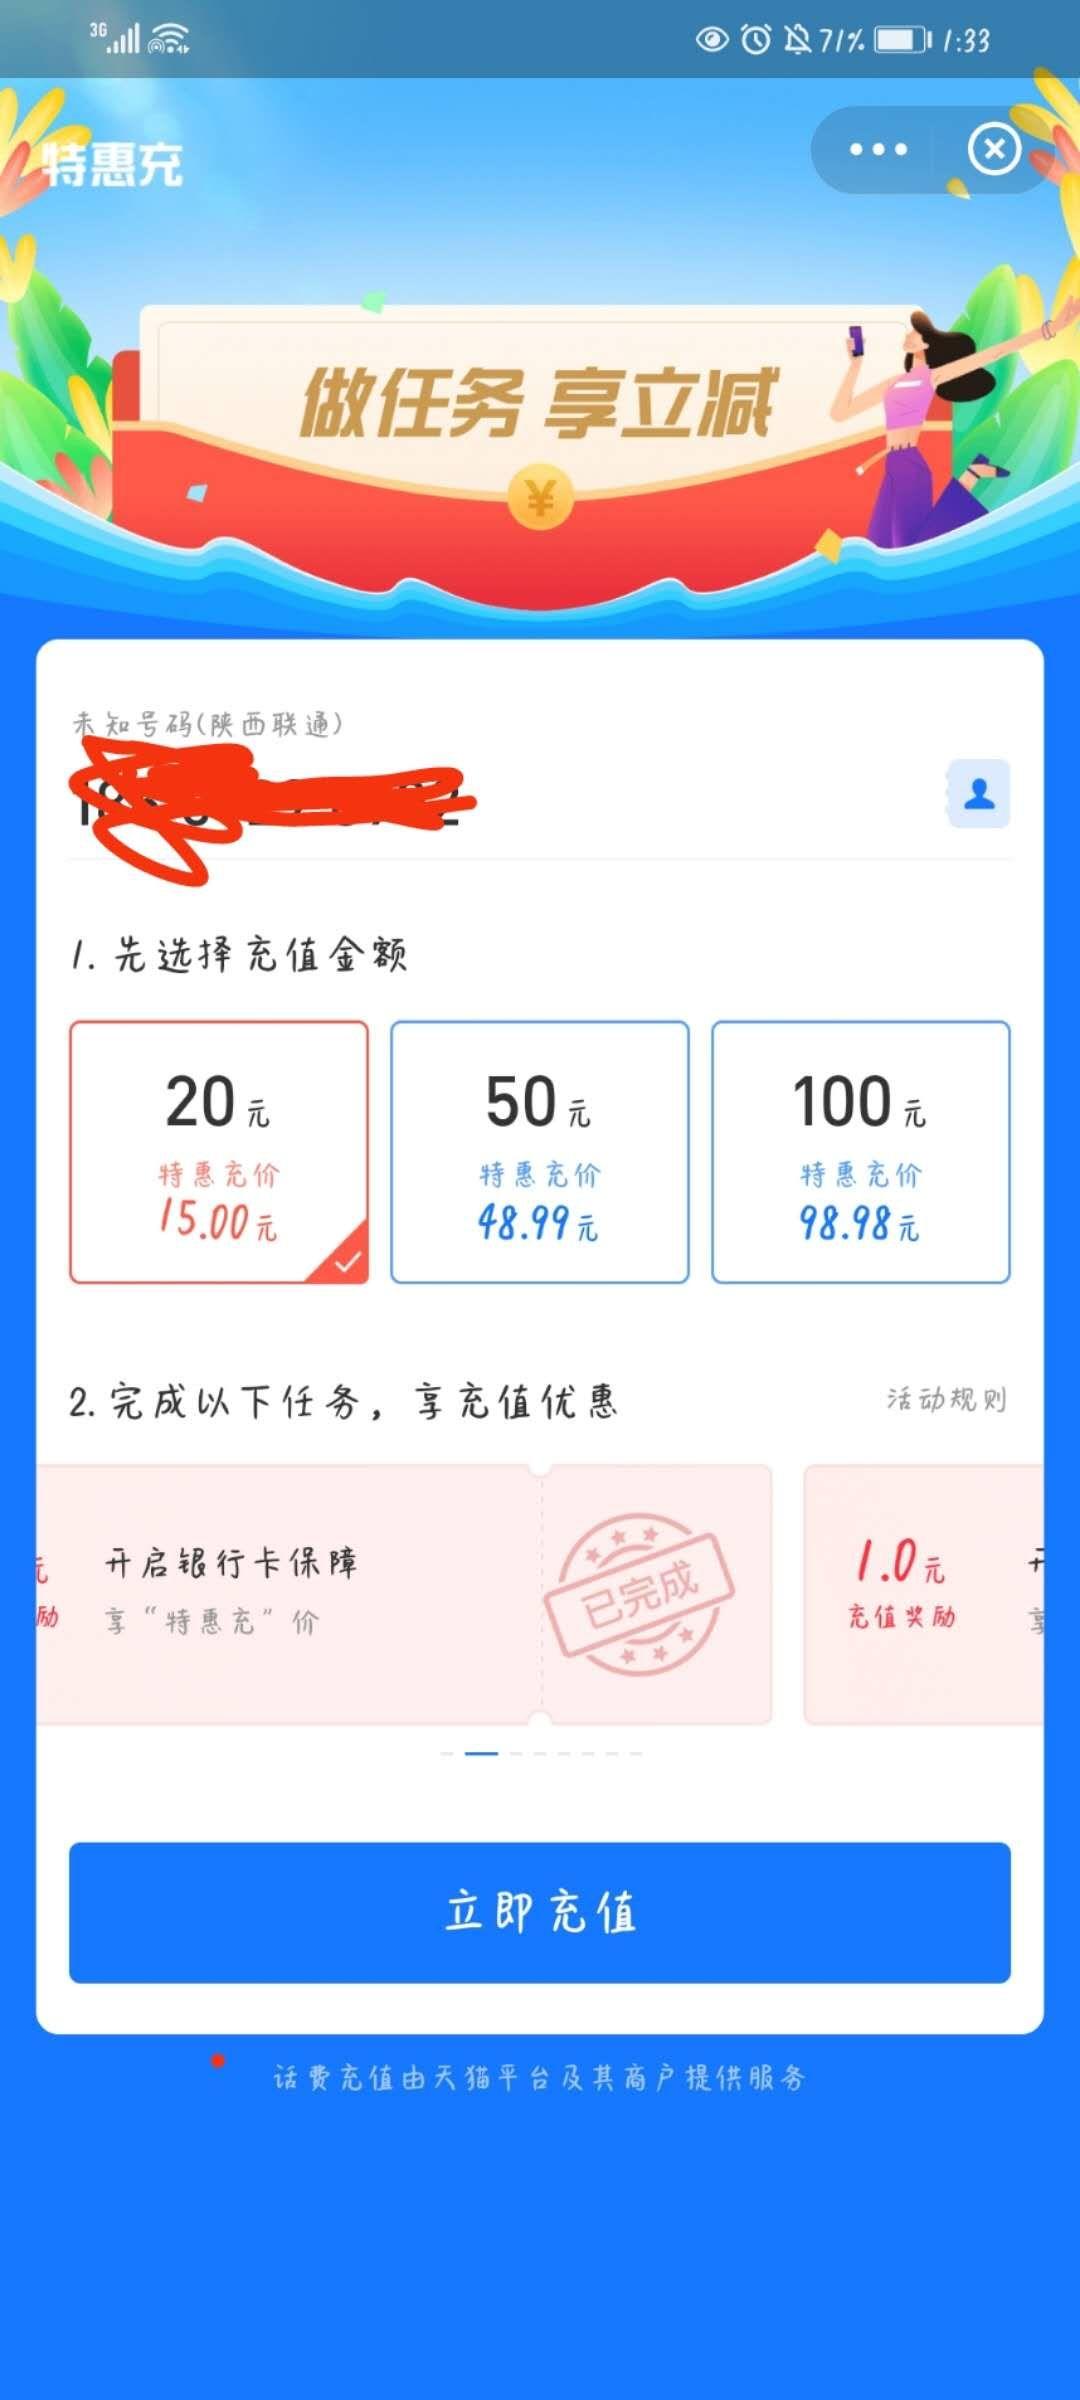 图片[3]-支付宝白嫖10话费-老友薅羊毛活动线报网